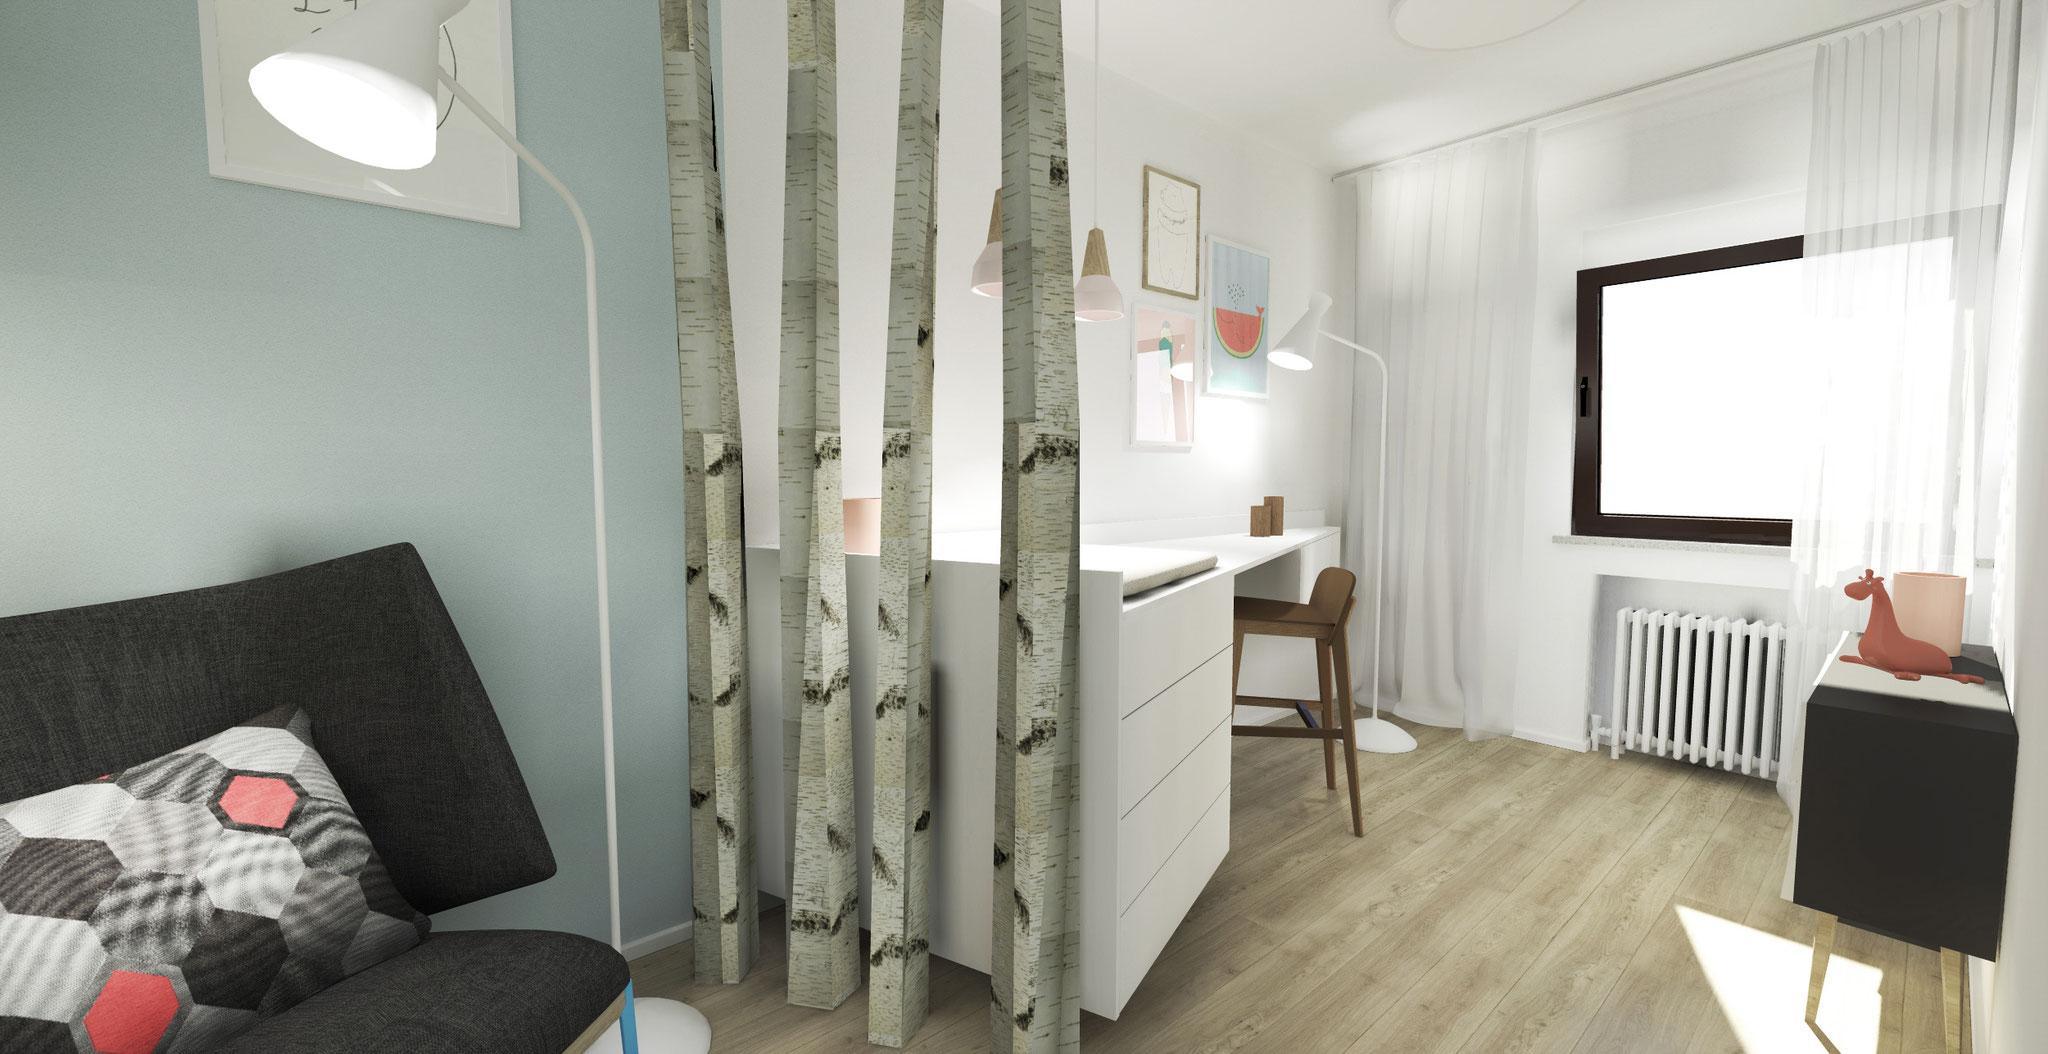 Gestaltung eines Babyzimmers